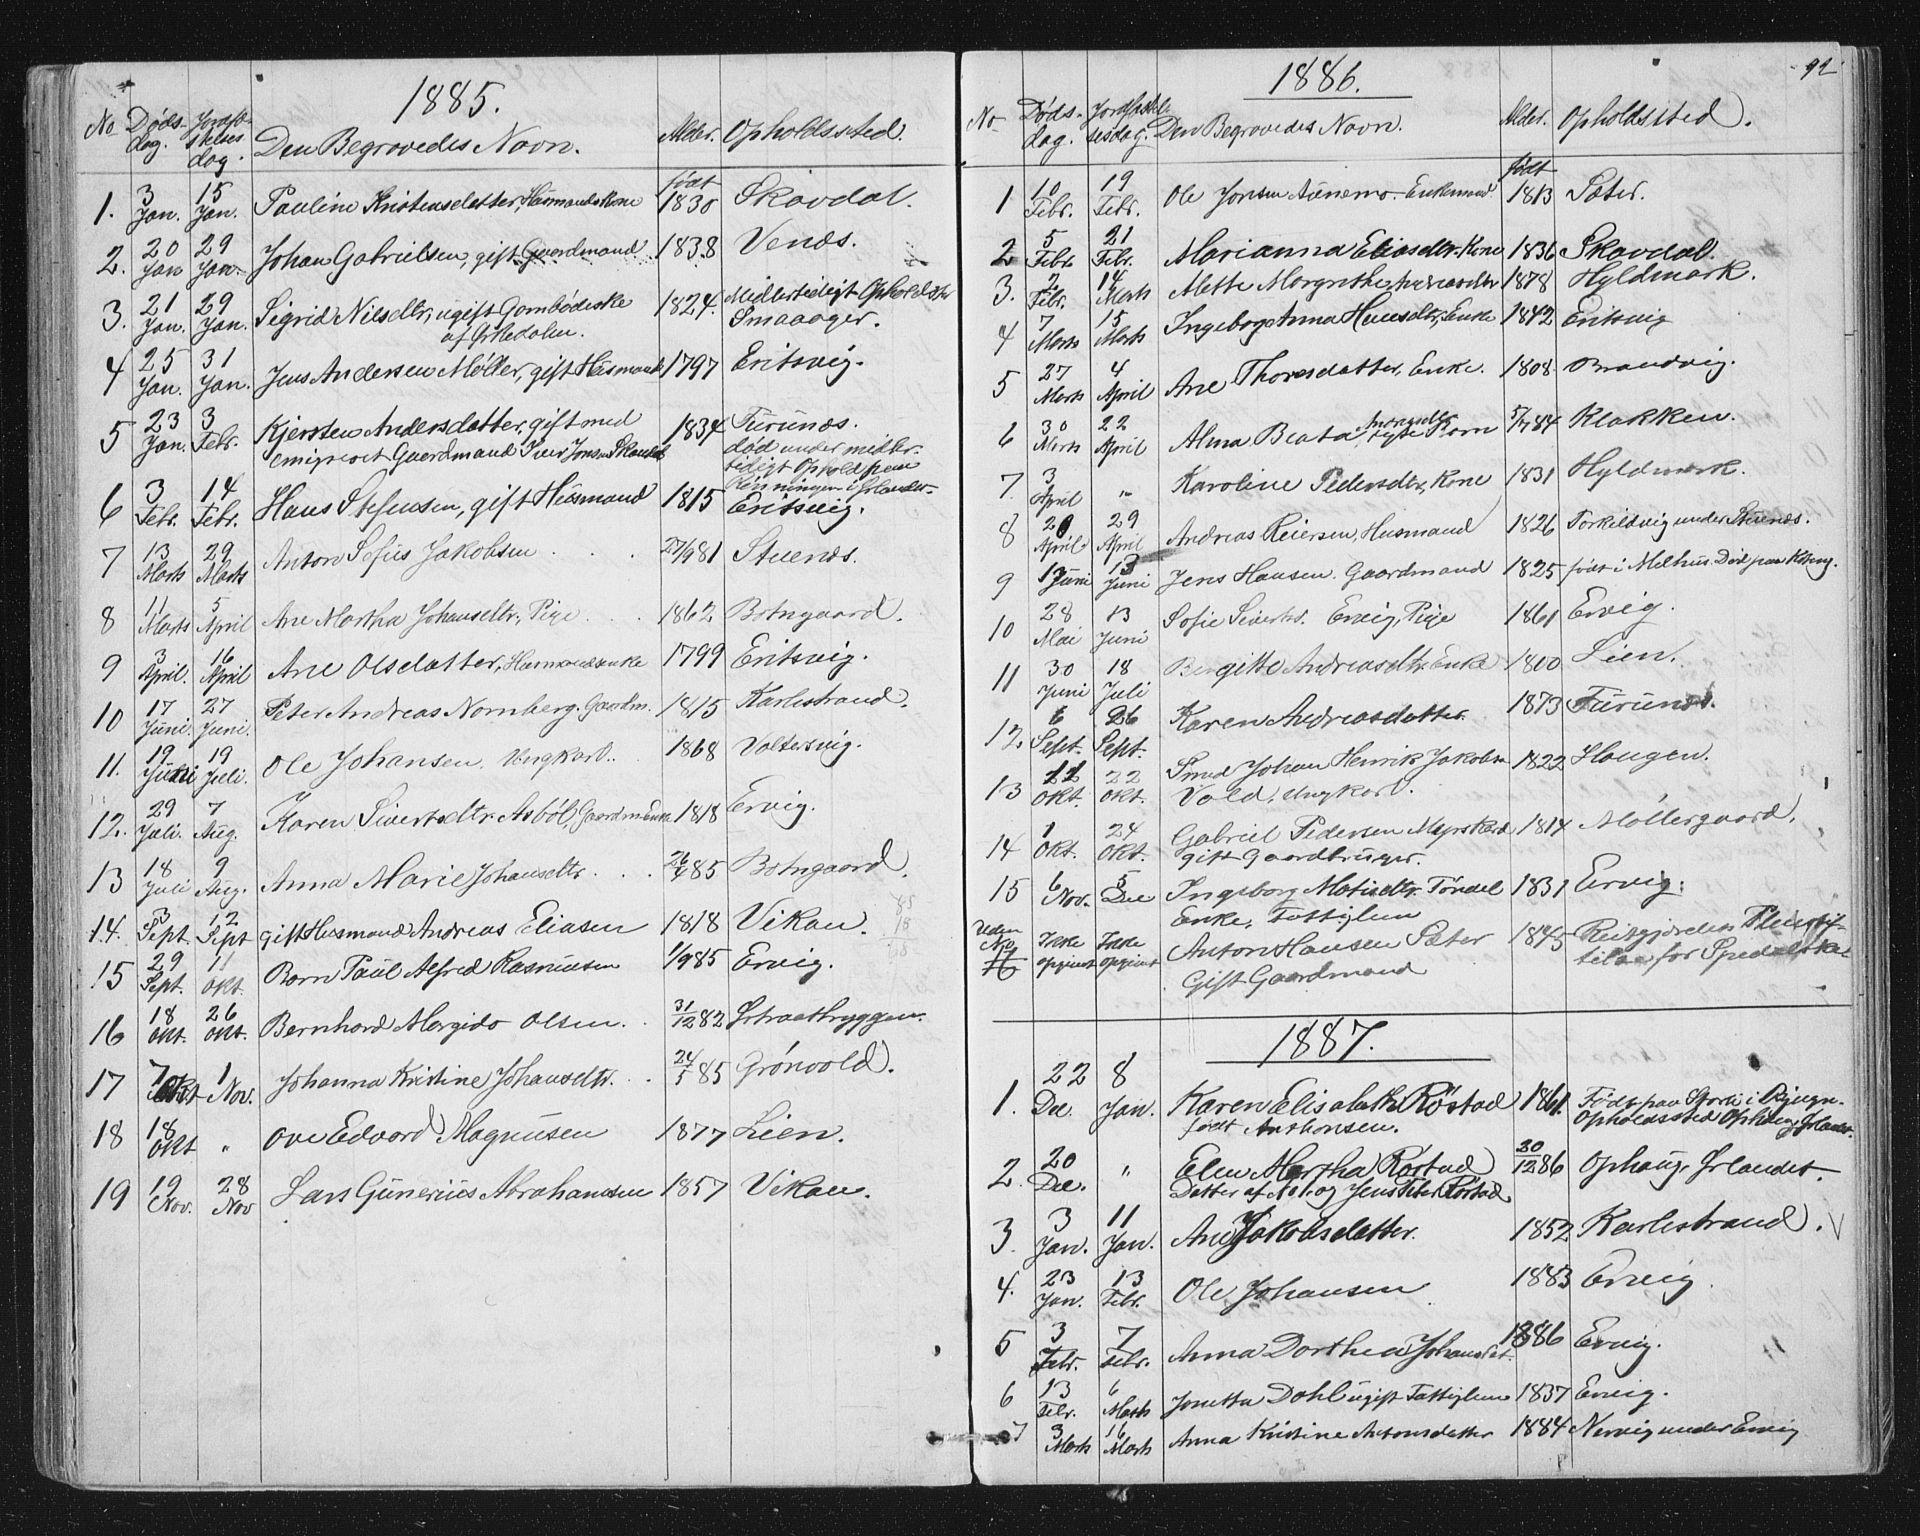 SAT, Ministerialprotokoller, klokkerbøker og fødselsregistre - Sør-Trøndelag, 651/L0647: Klokkerbok nr. 651C01, 1866-1914, s. 92